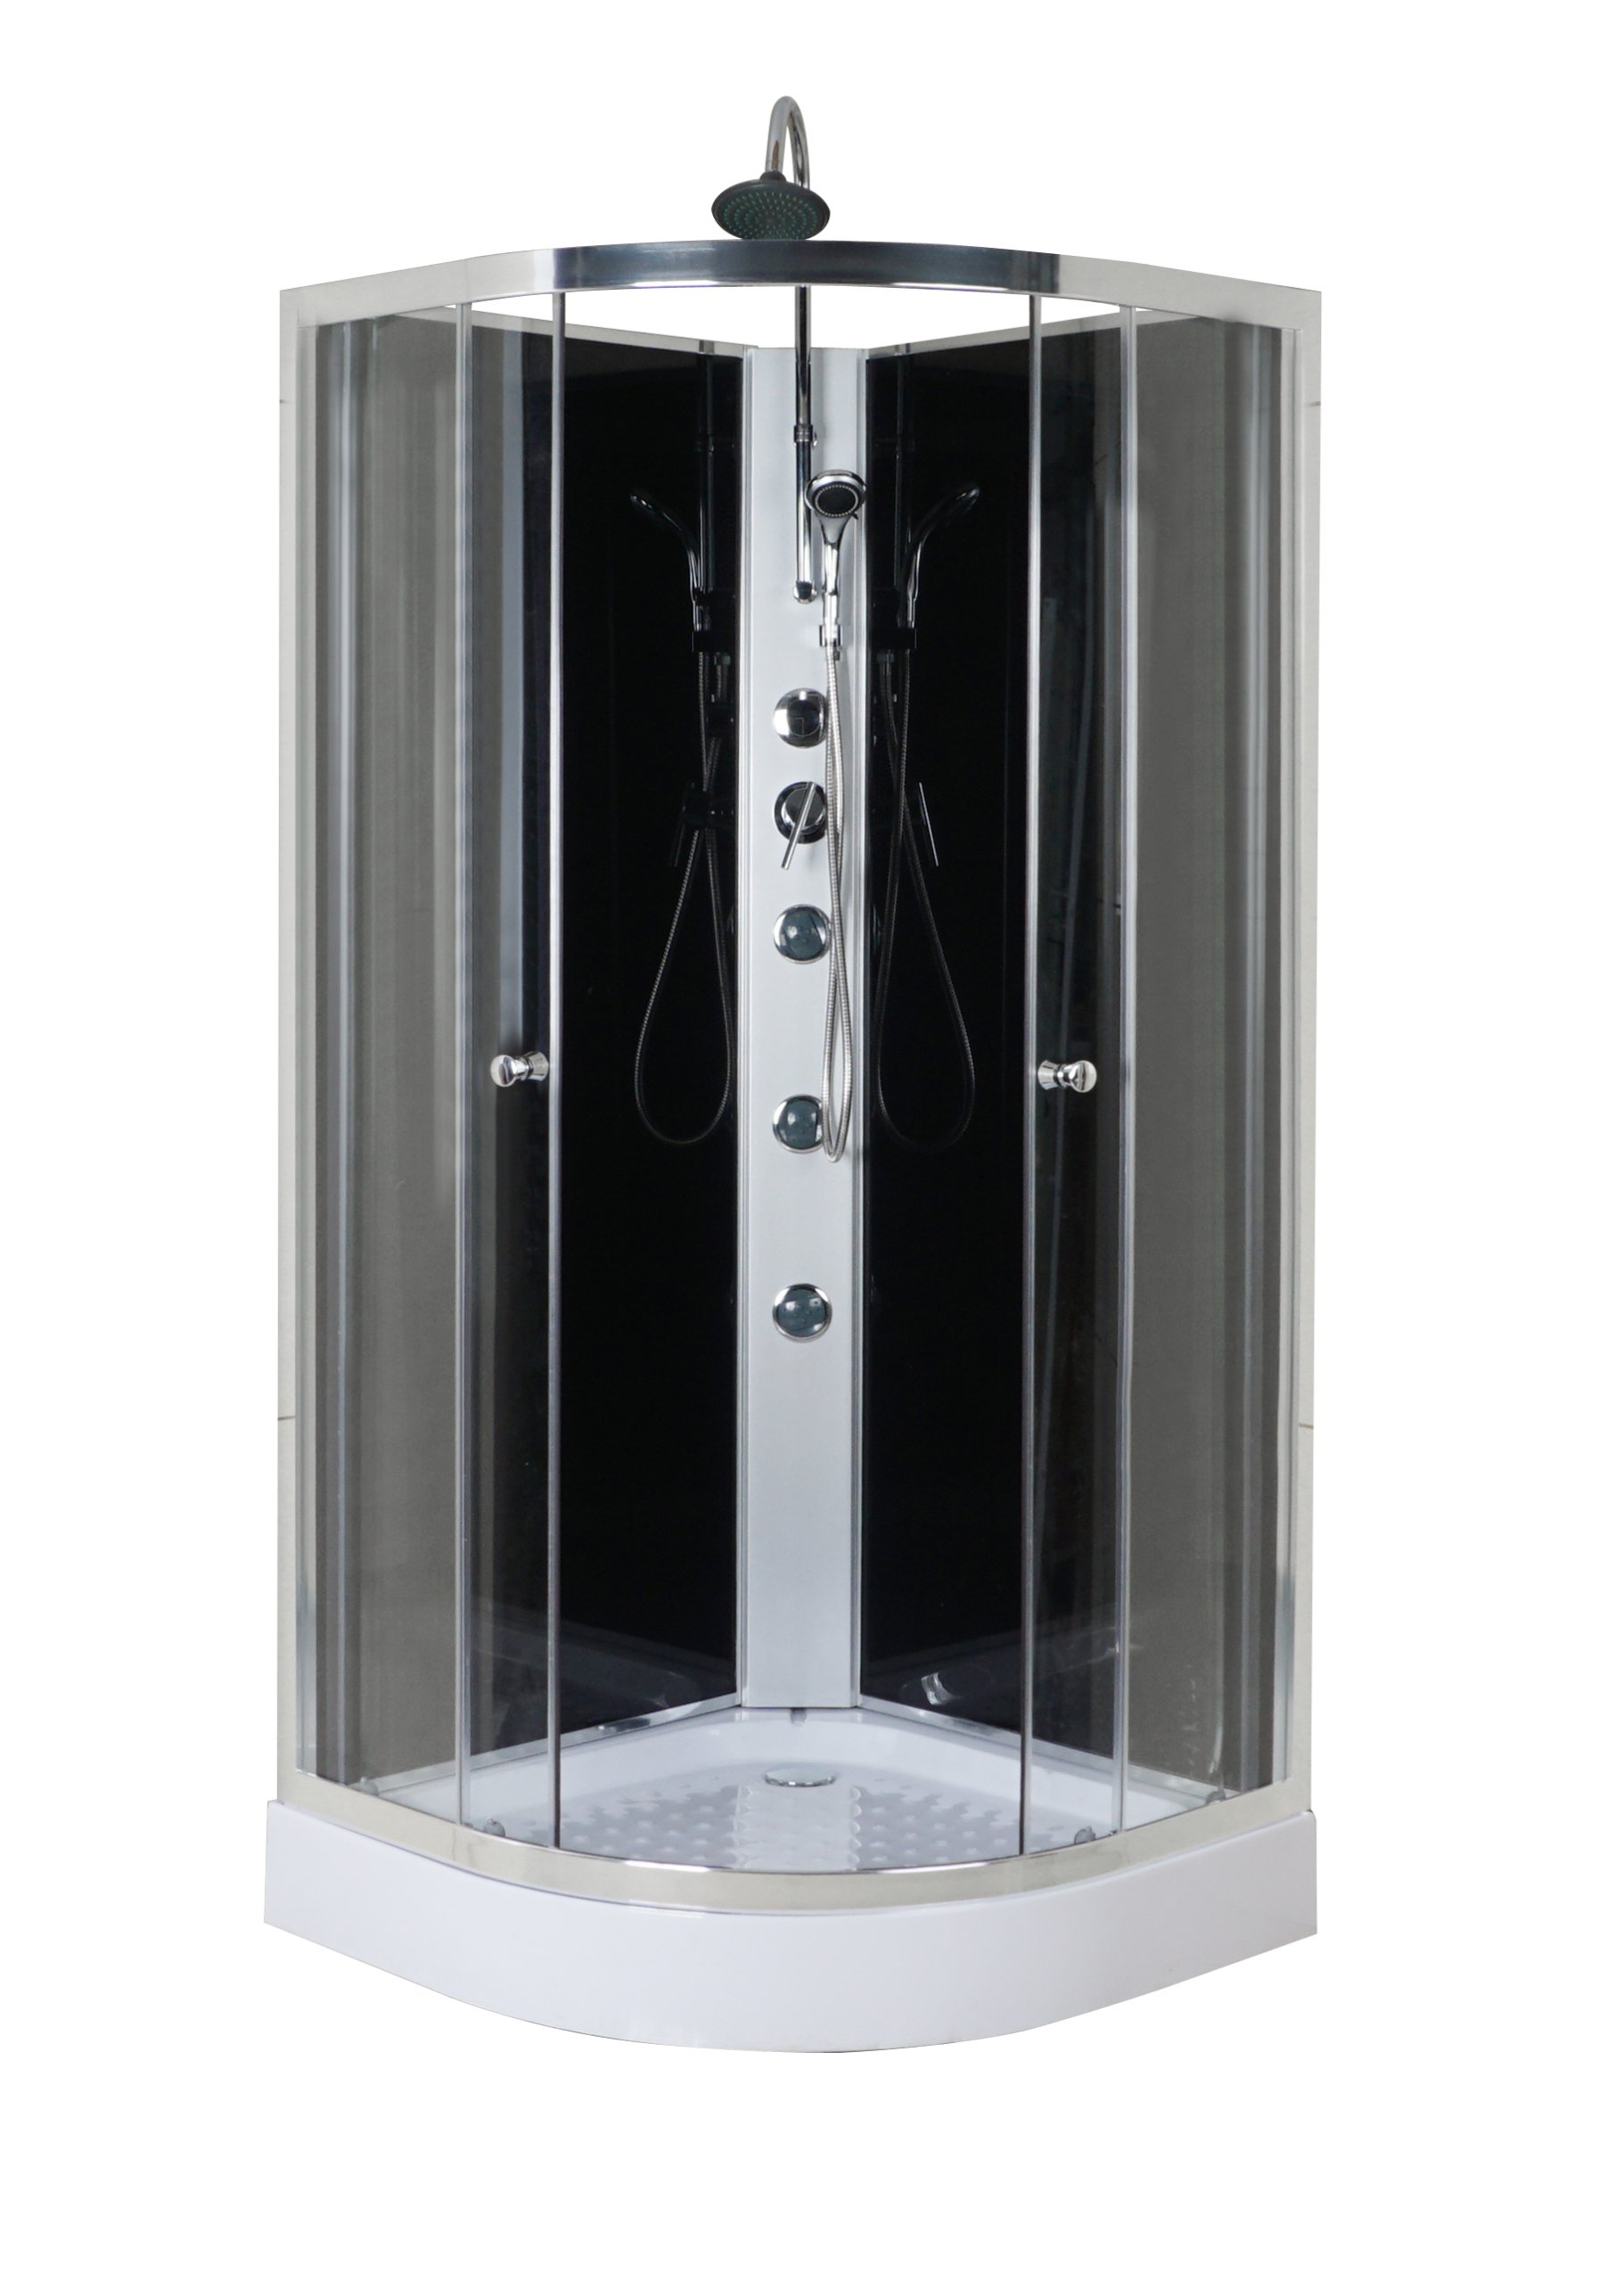 Sprcha SKRINE 80x80 NÍZKE BRO